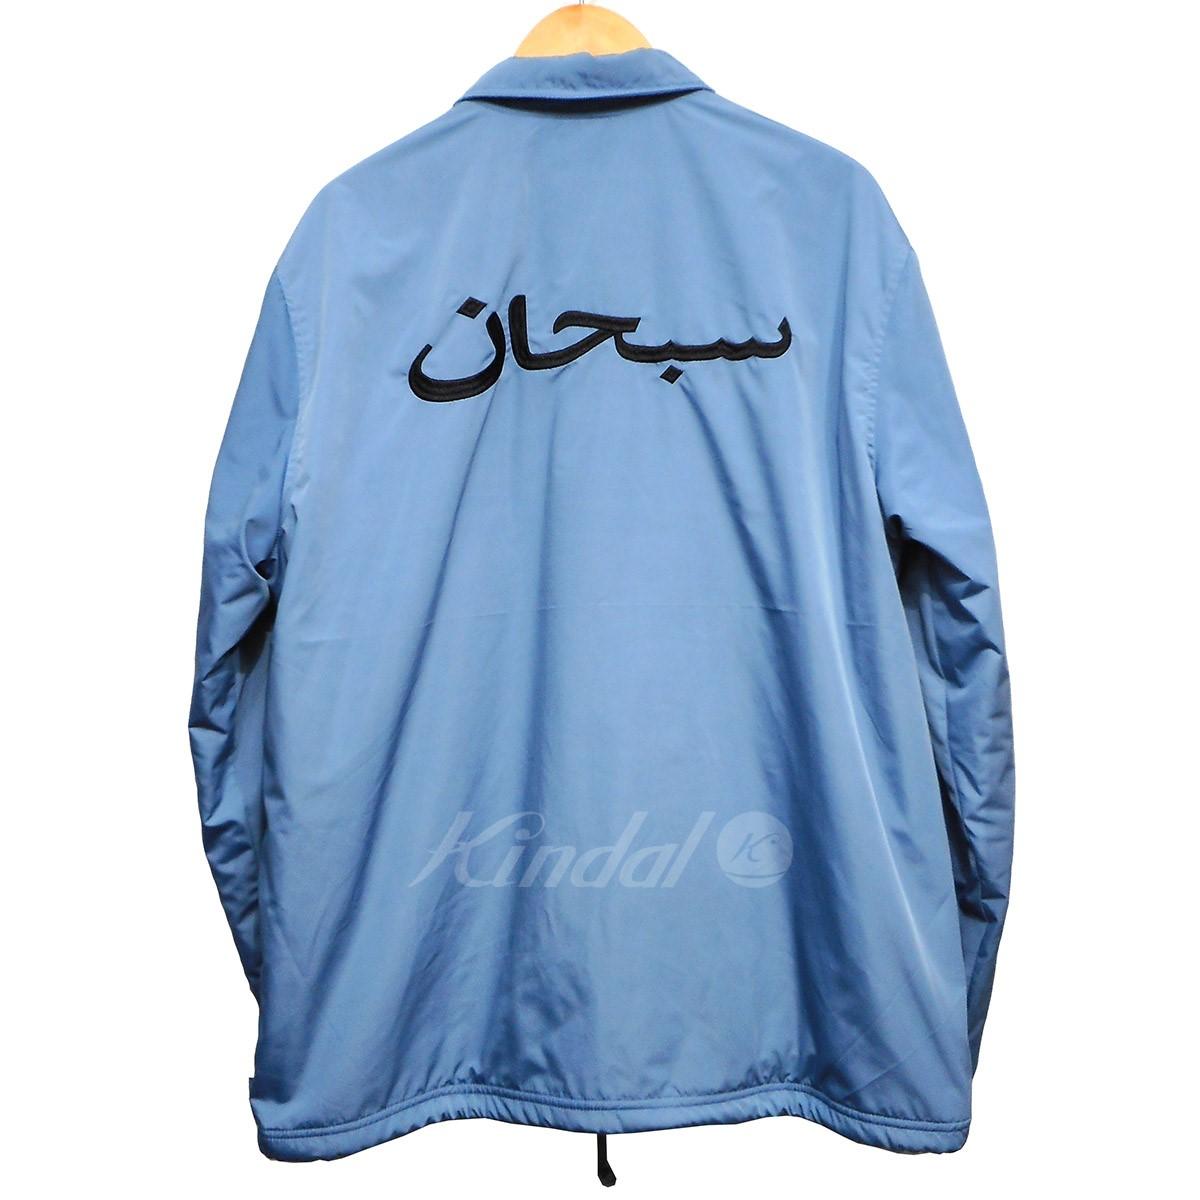 【中古】SUPREME 17AW Arabic Logo Coaches Jacket 【送料無料】 【000950】 【KIND1489】